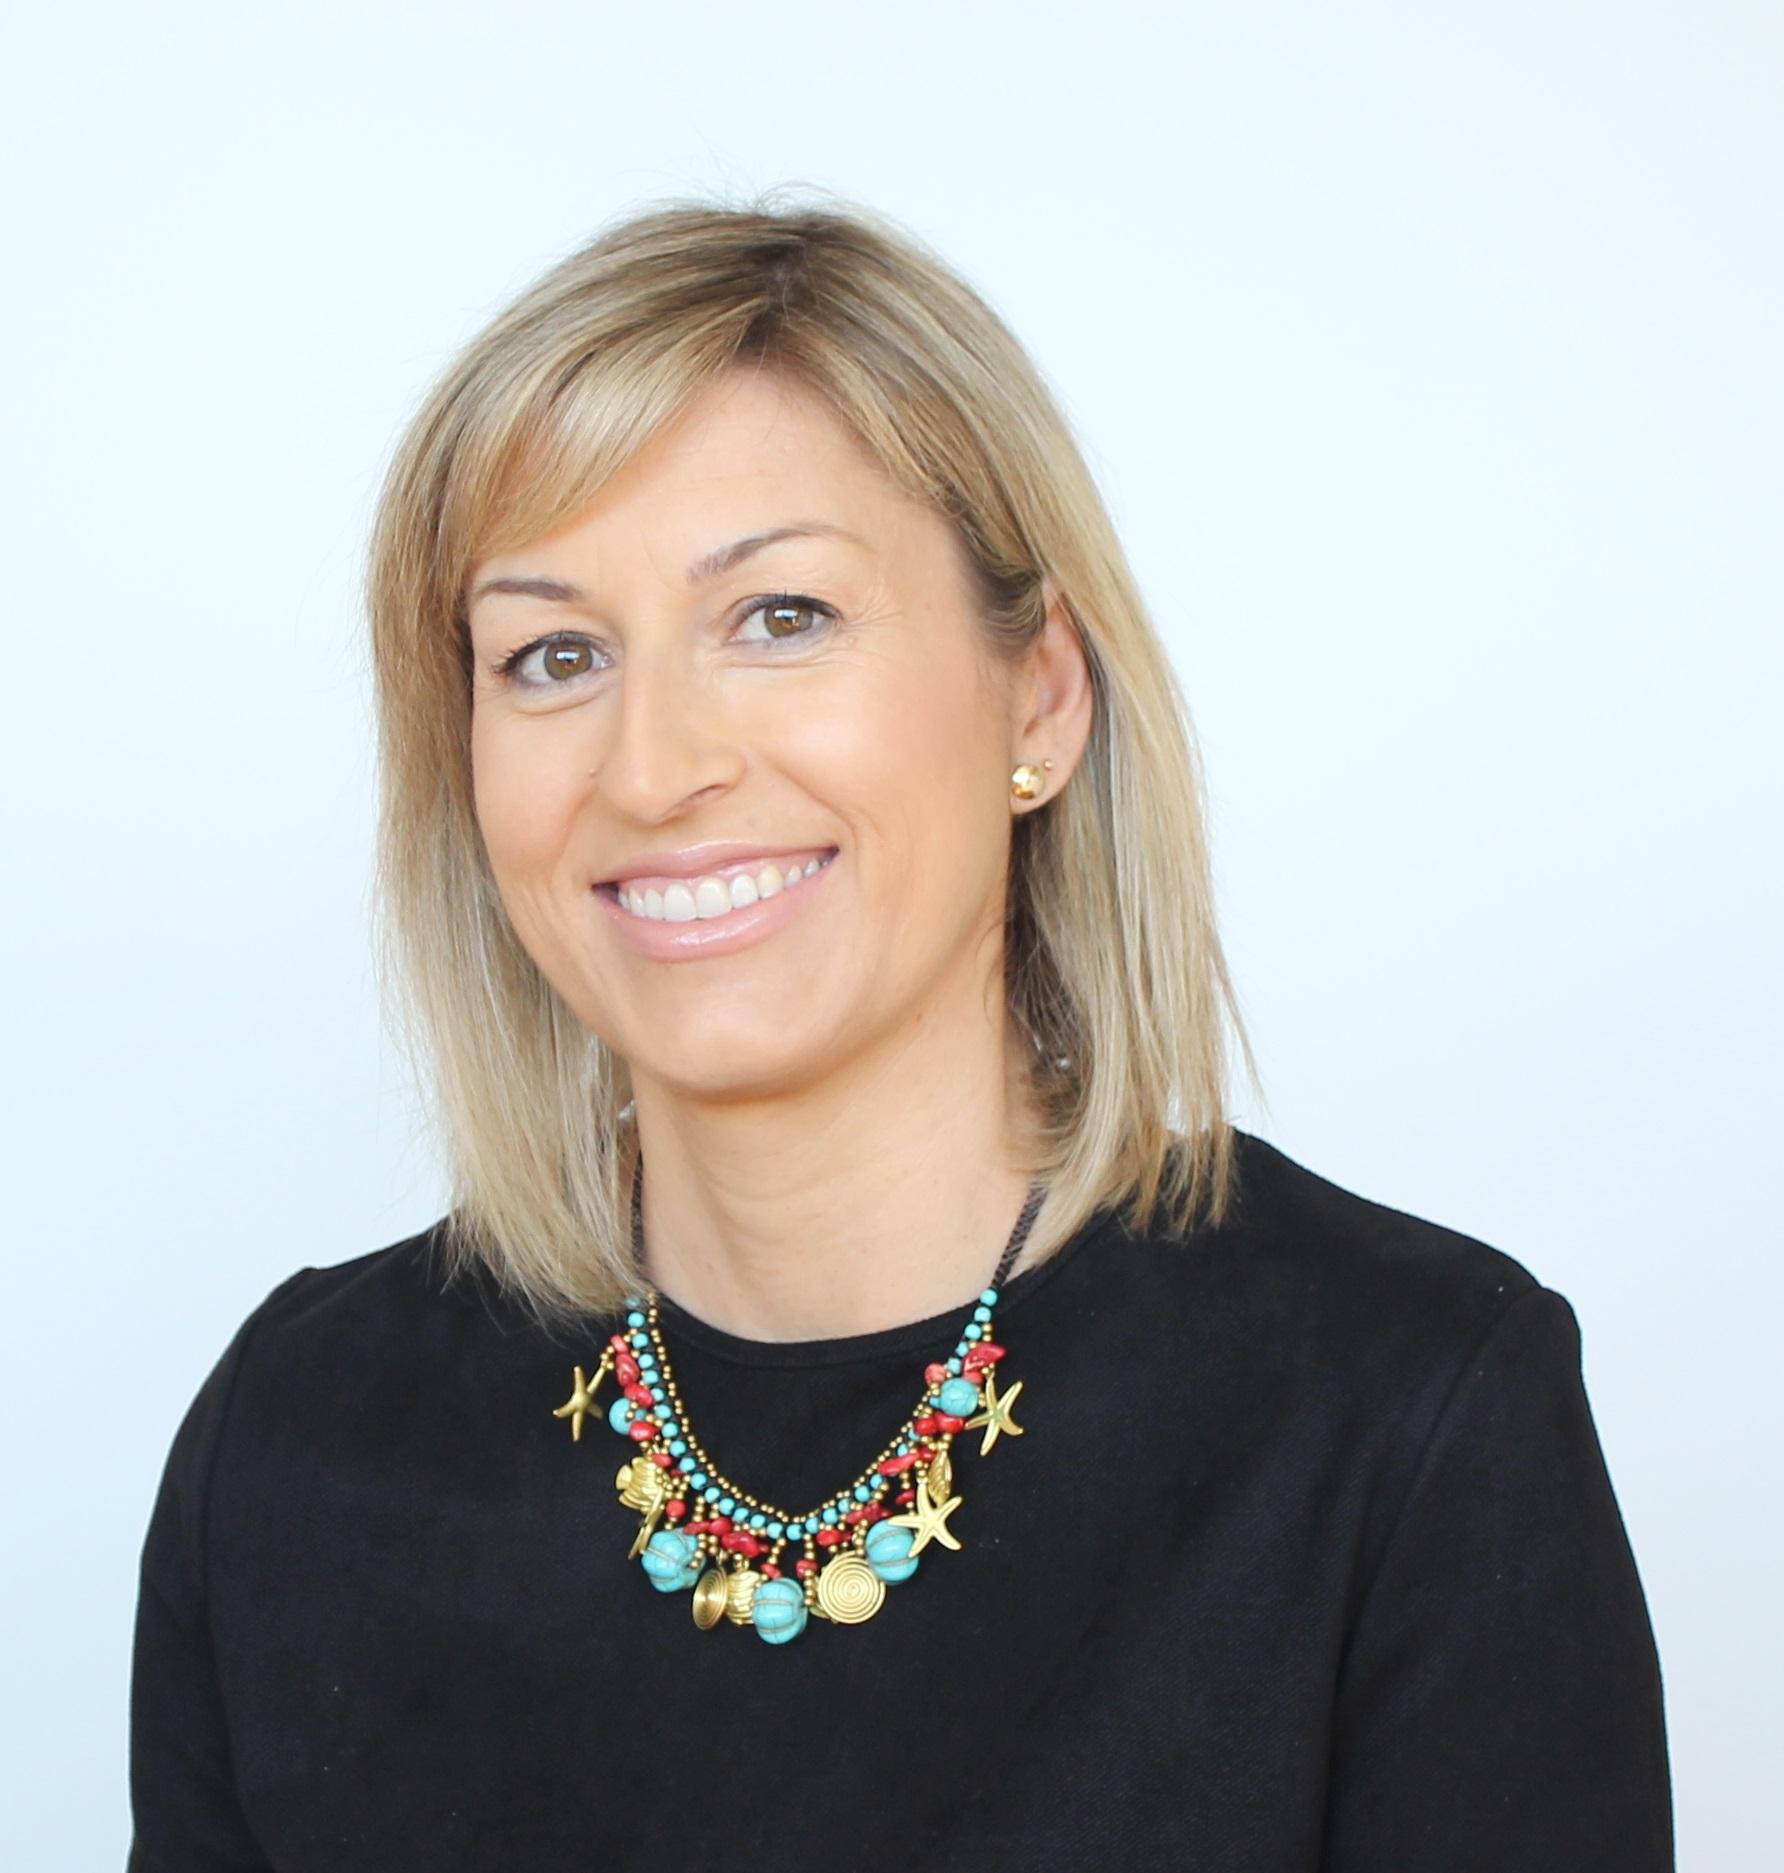 María Benitez